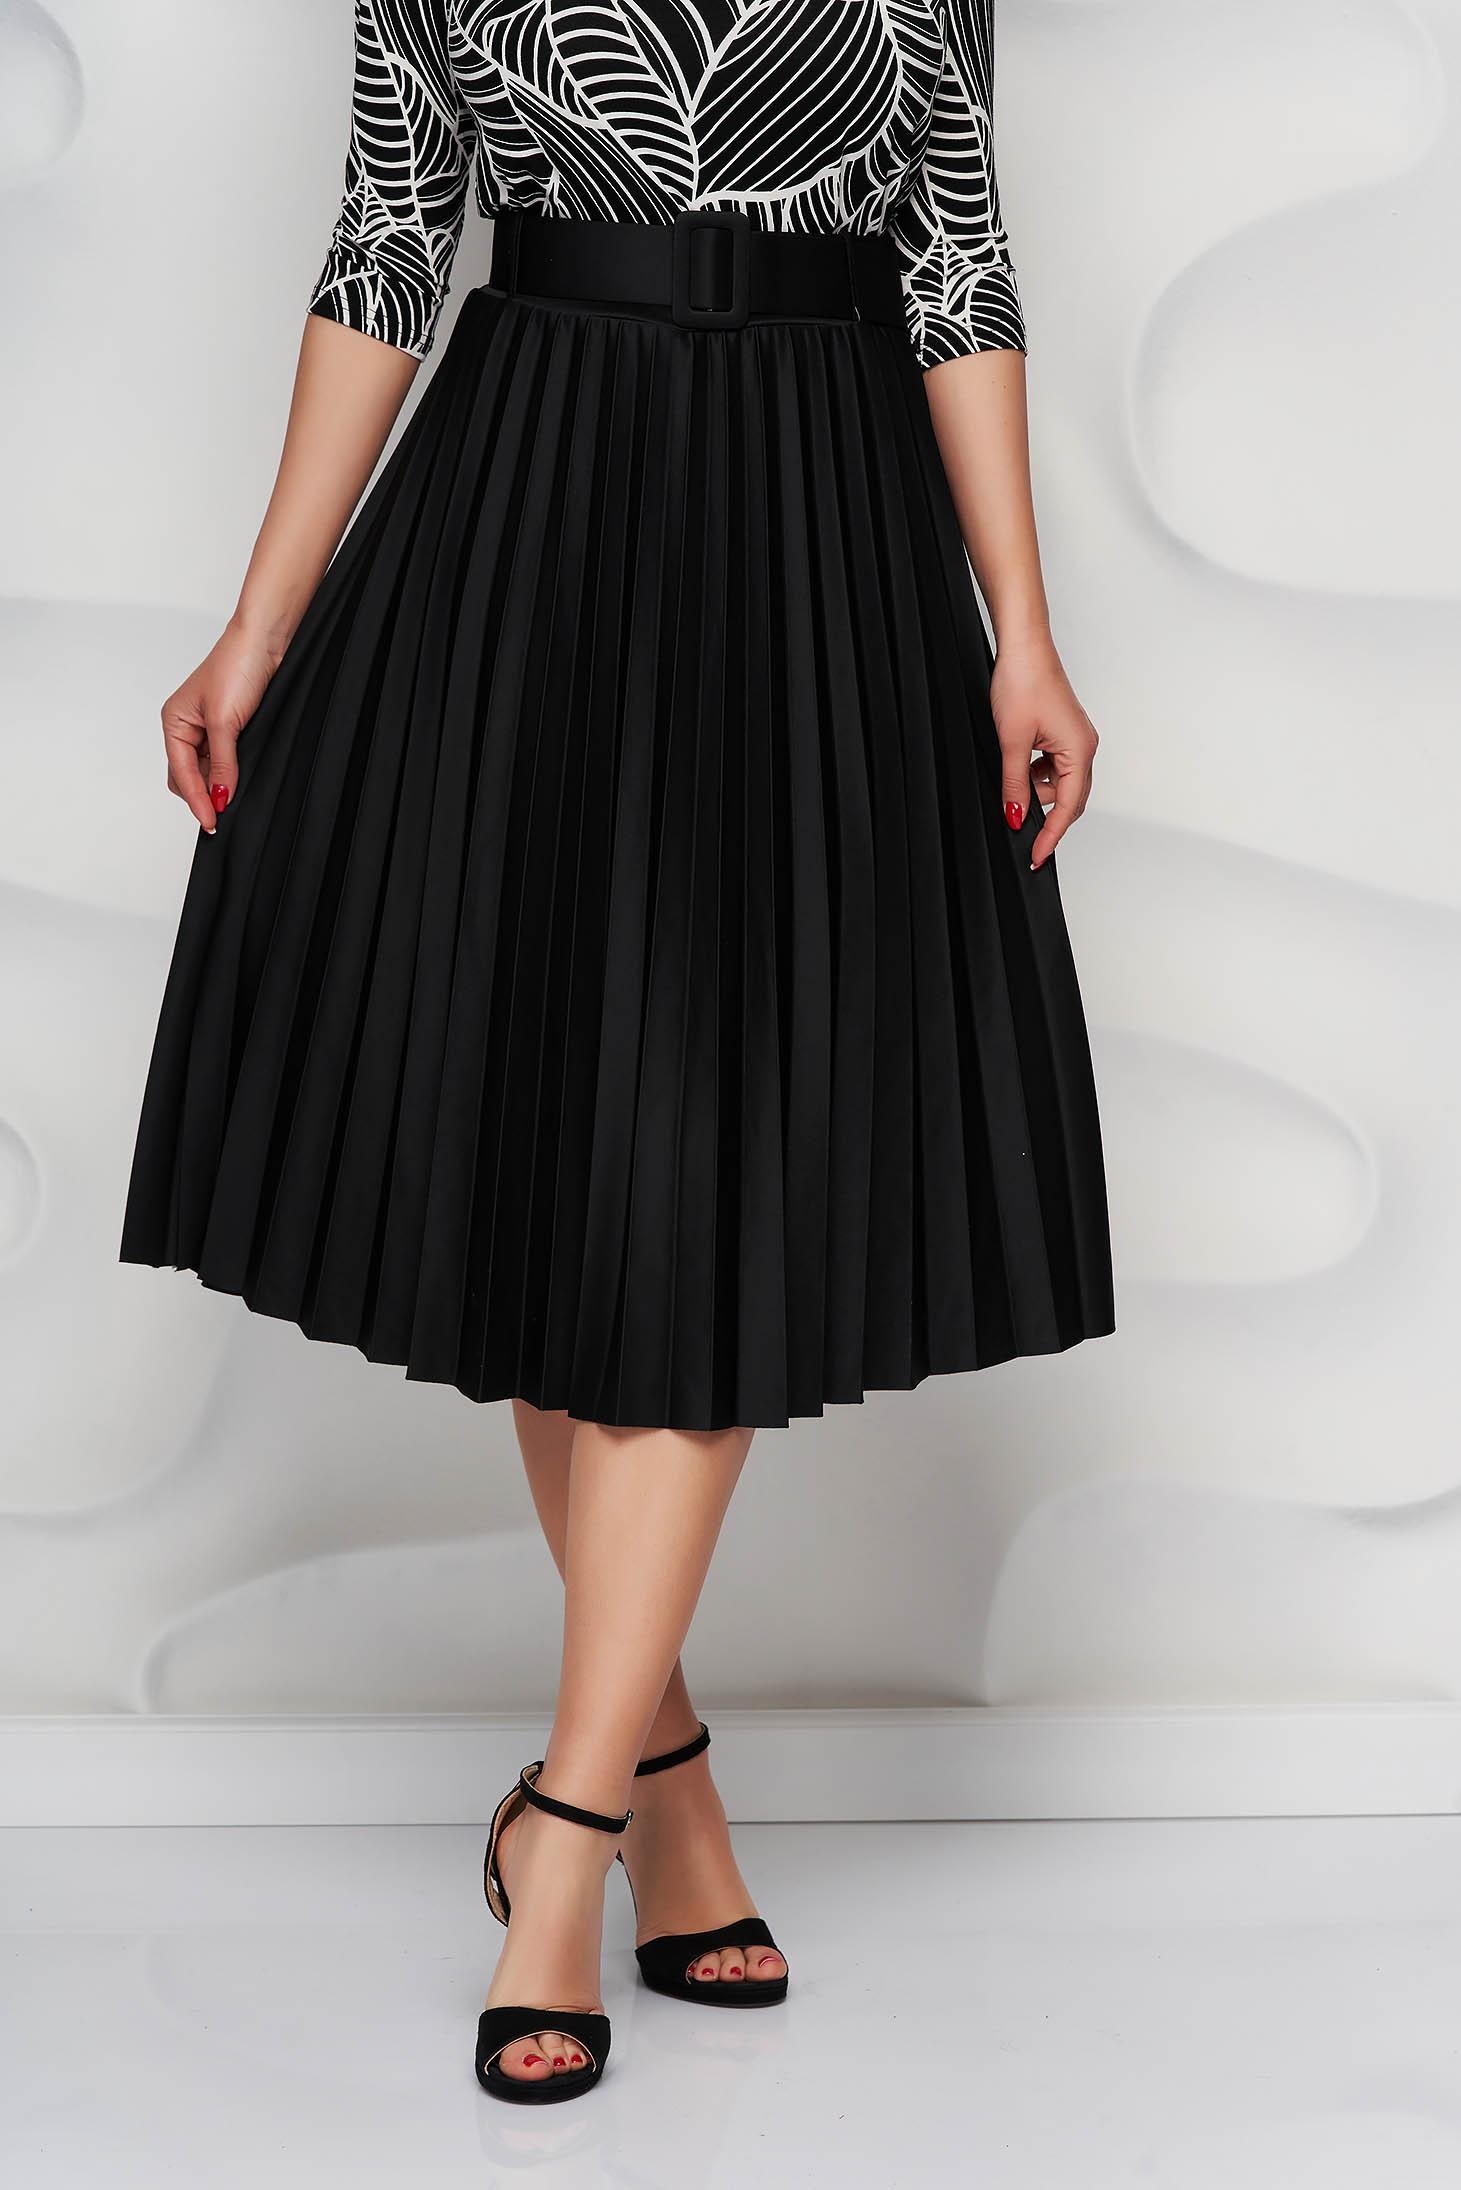 Fusta SunShine neagra plisata in clos din material usor elastic cu accesoriu tip curea